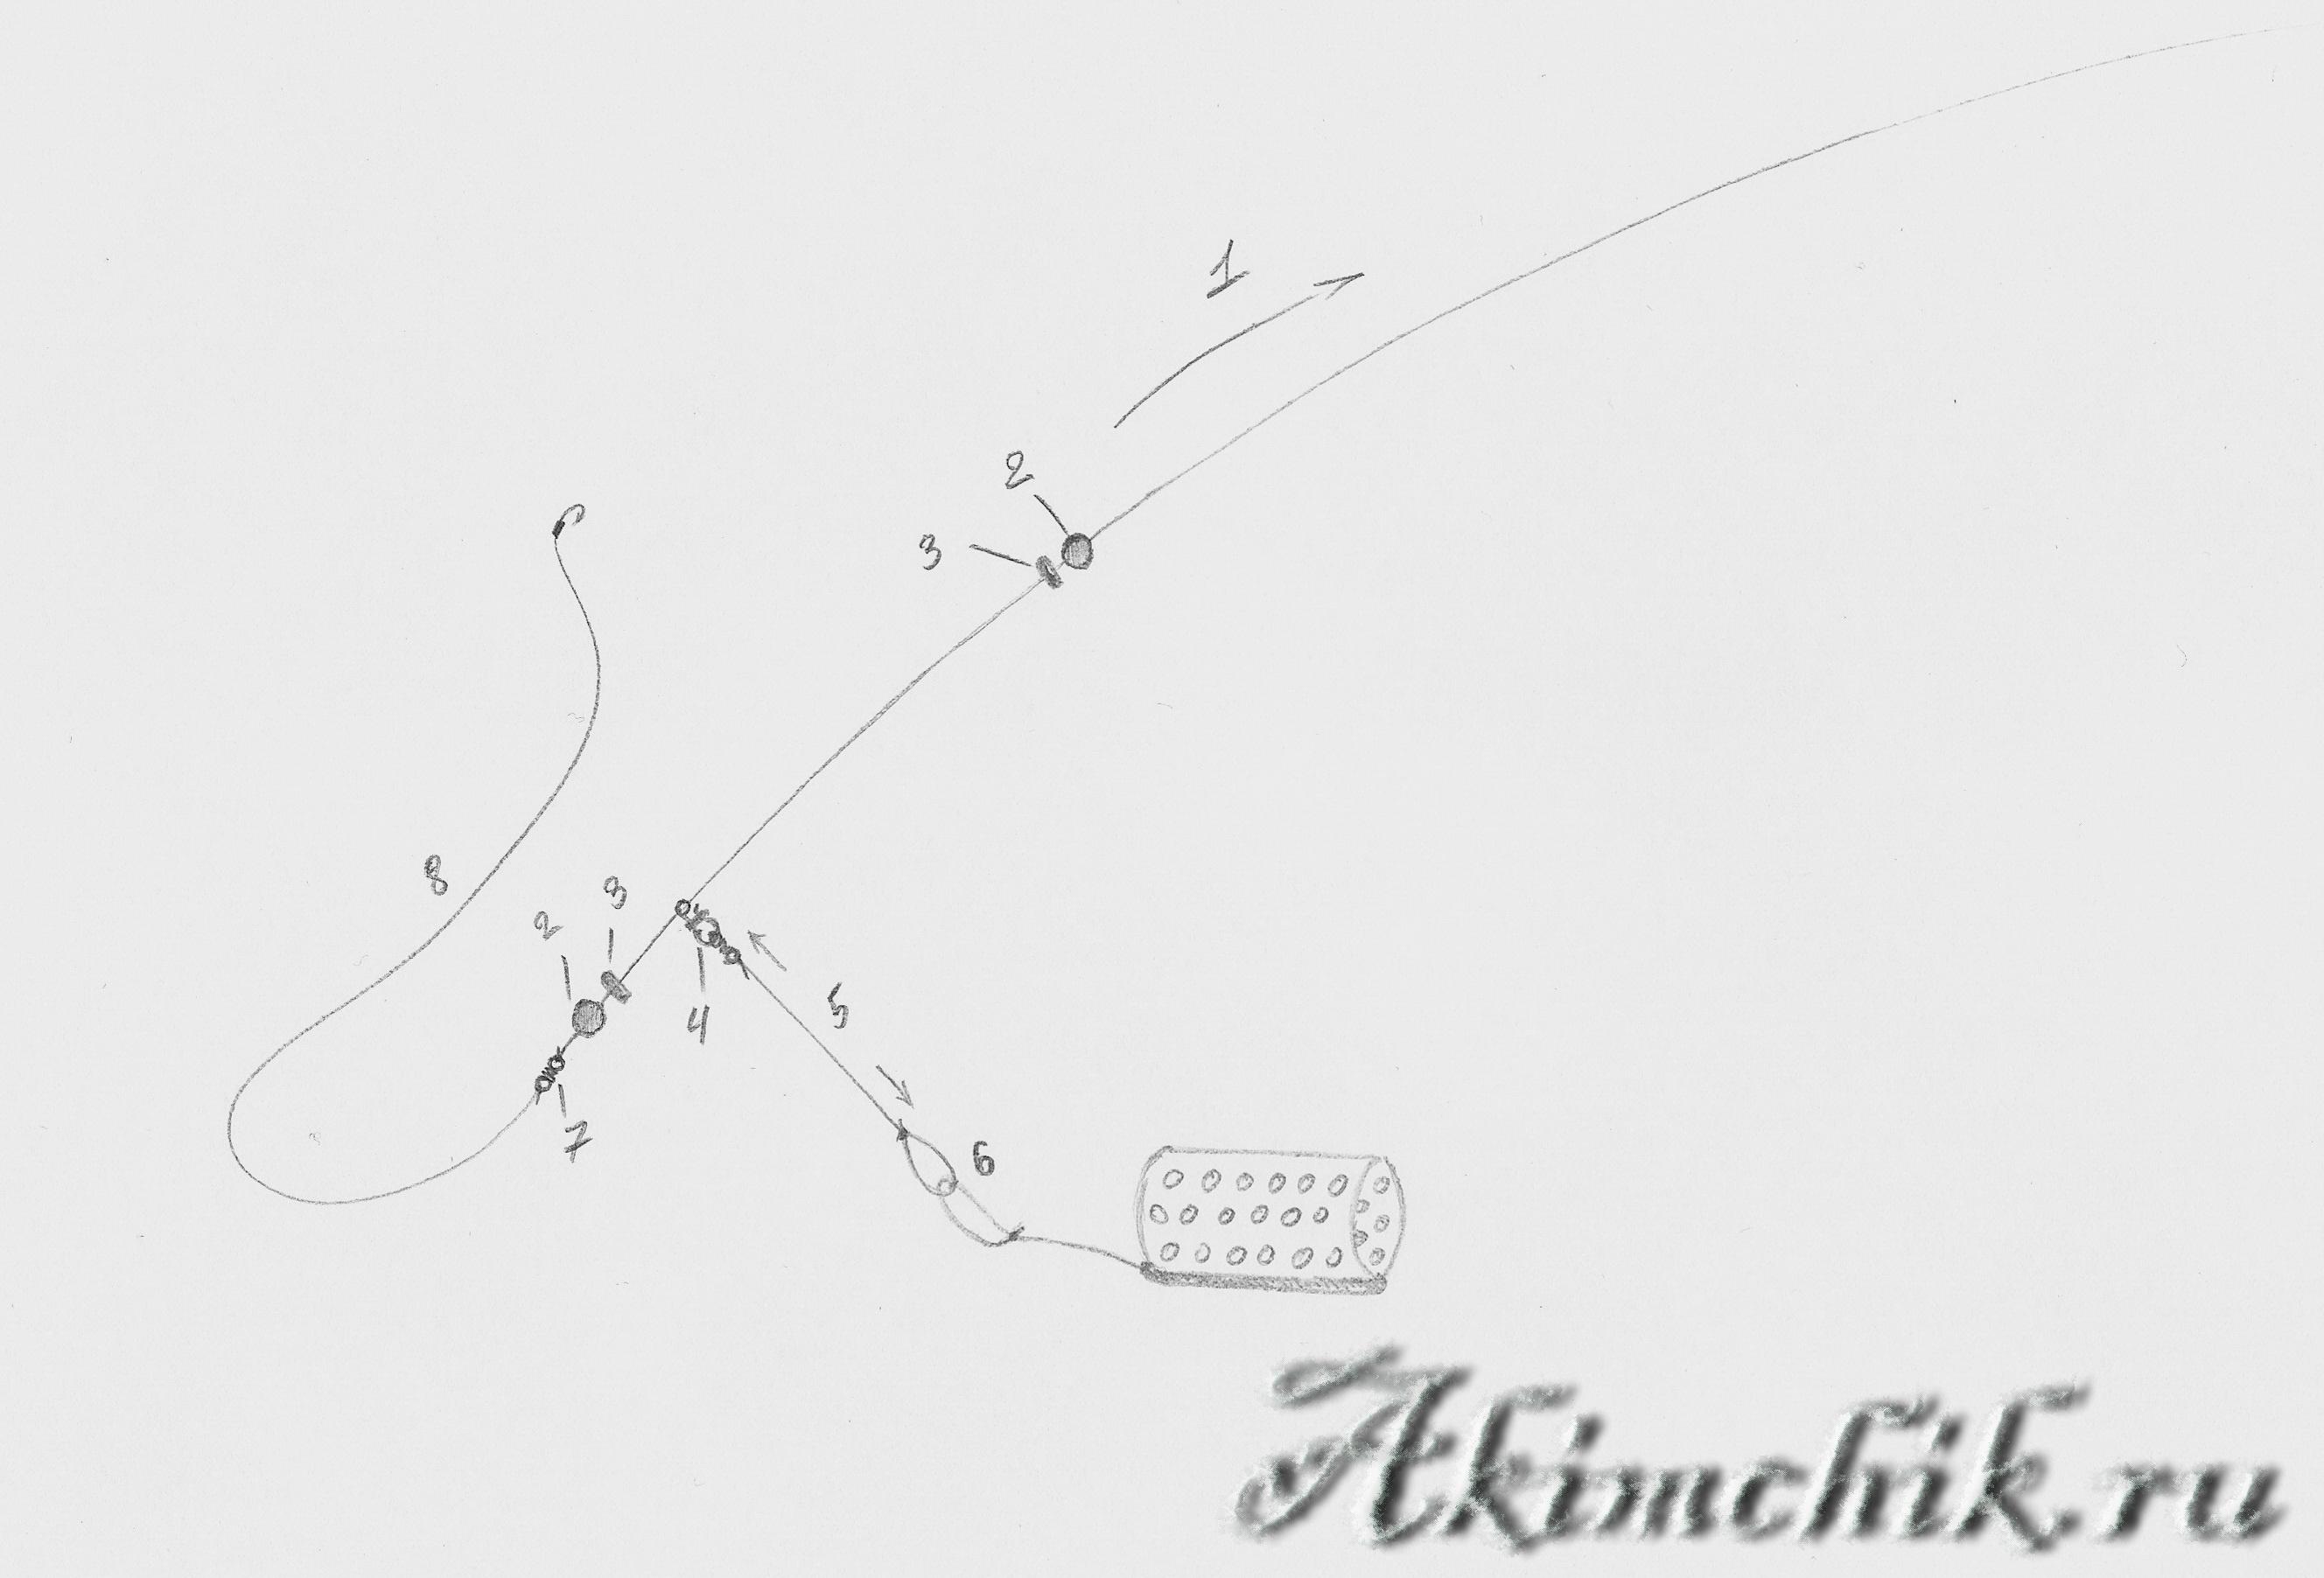 Монтаж сайдинга альта профиль своими руками пошаговая инструкция 65